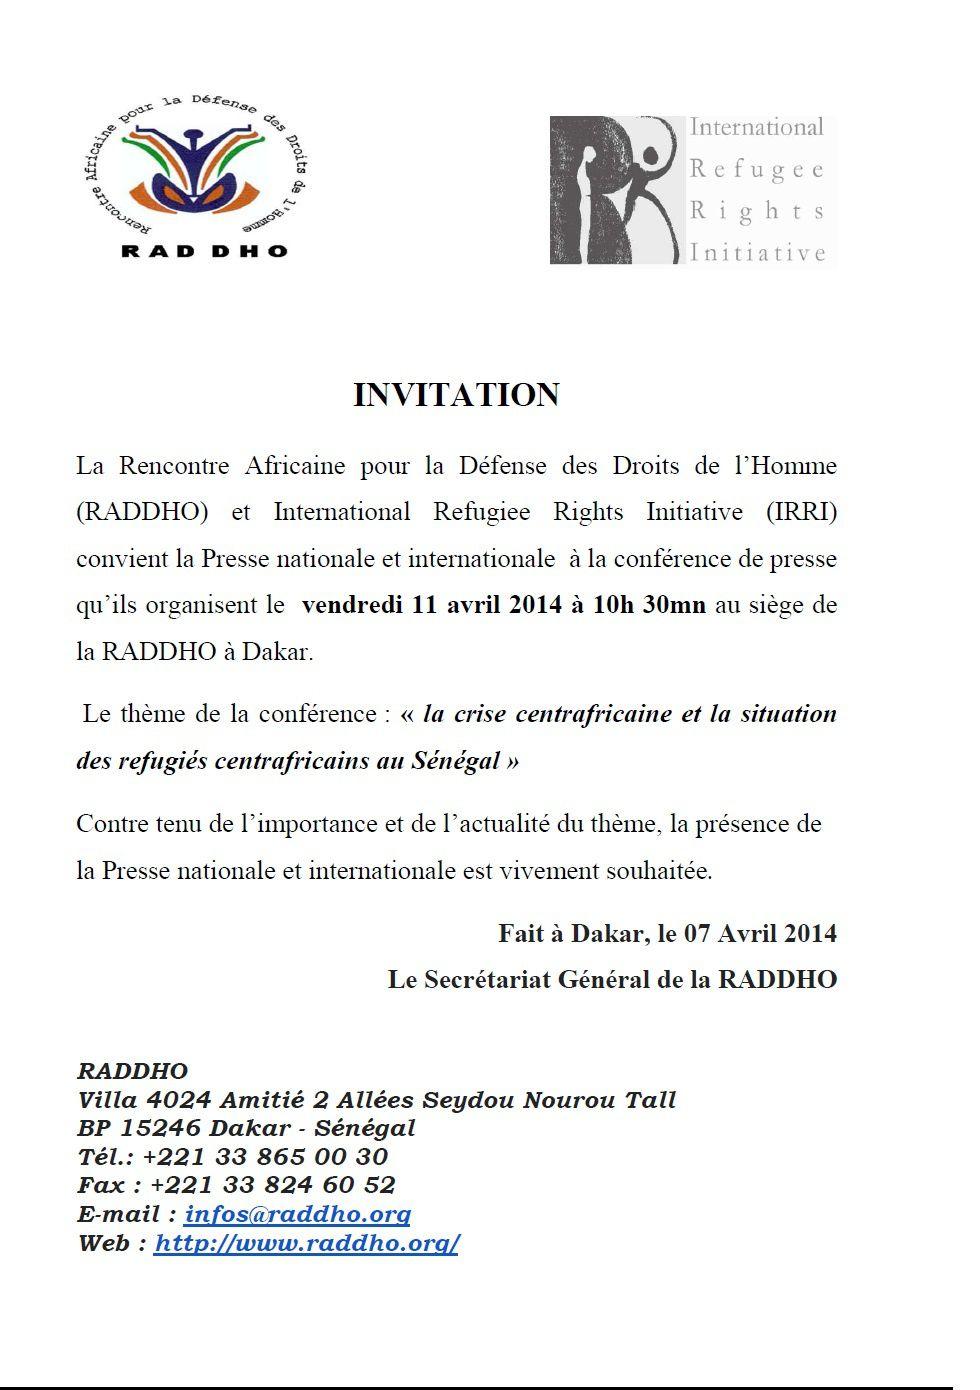 Dakar: la RADDHO et l'IRRI organisent un point de presse sur la RCA